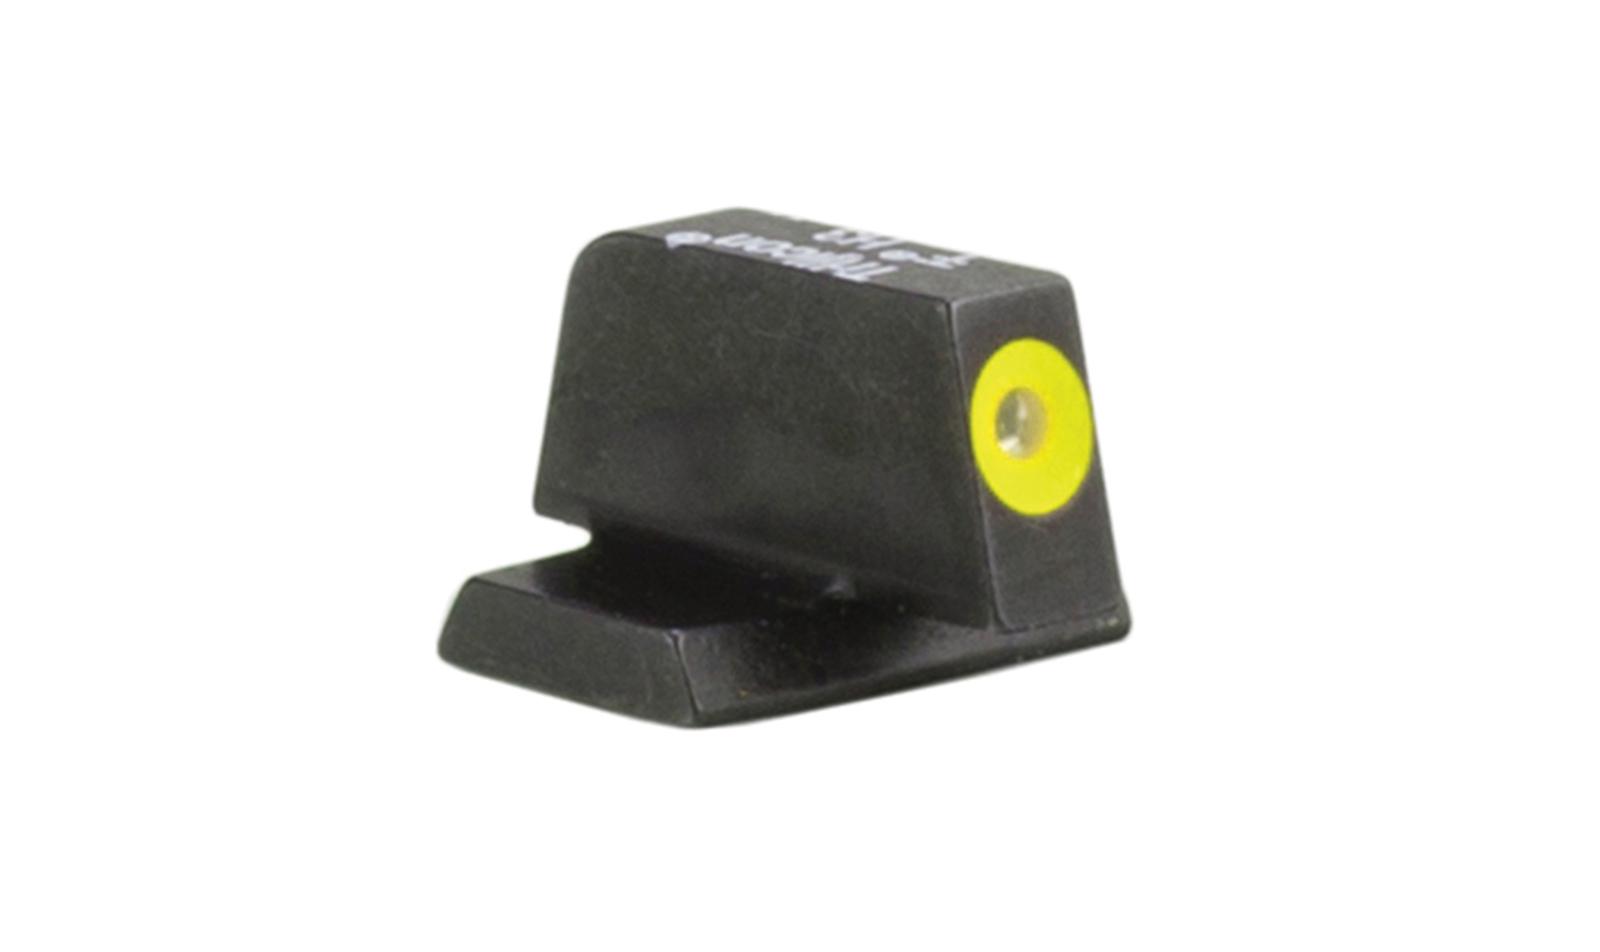 SA639-C-600857 angle 3